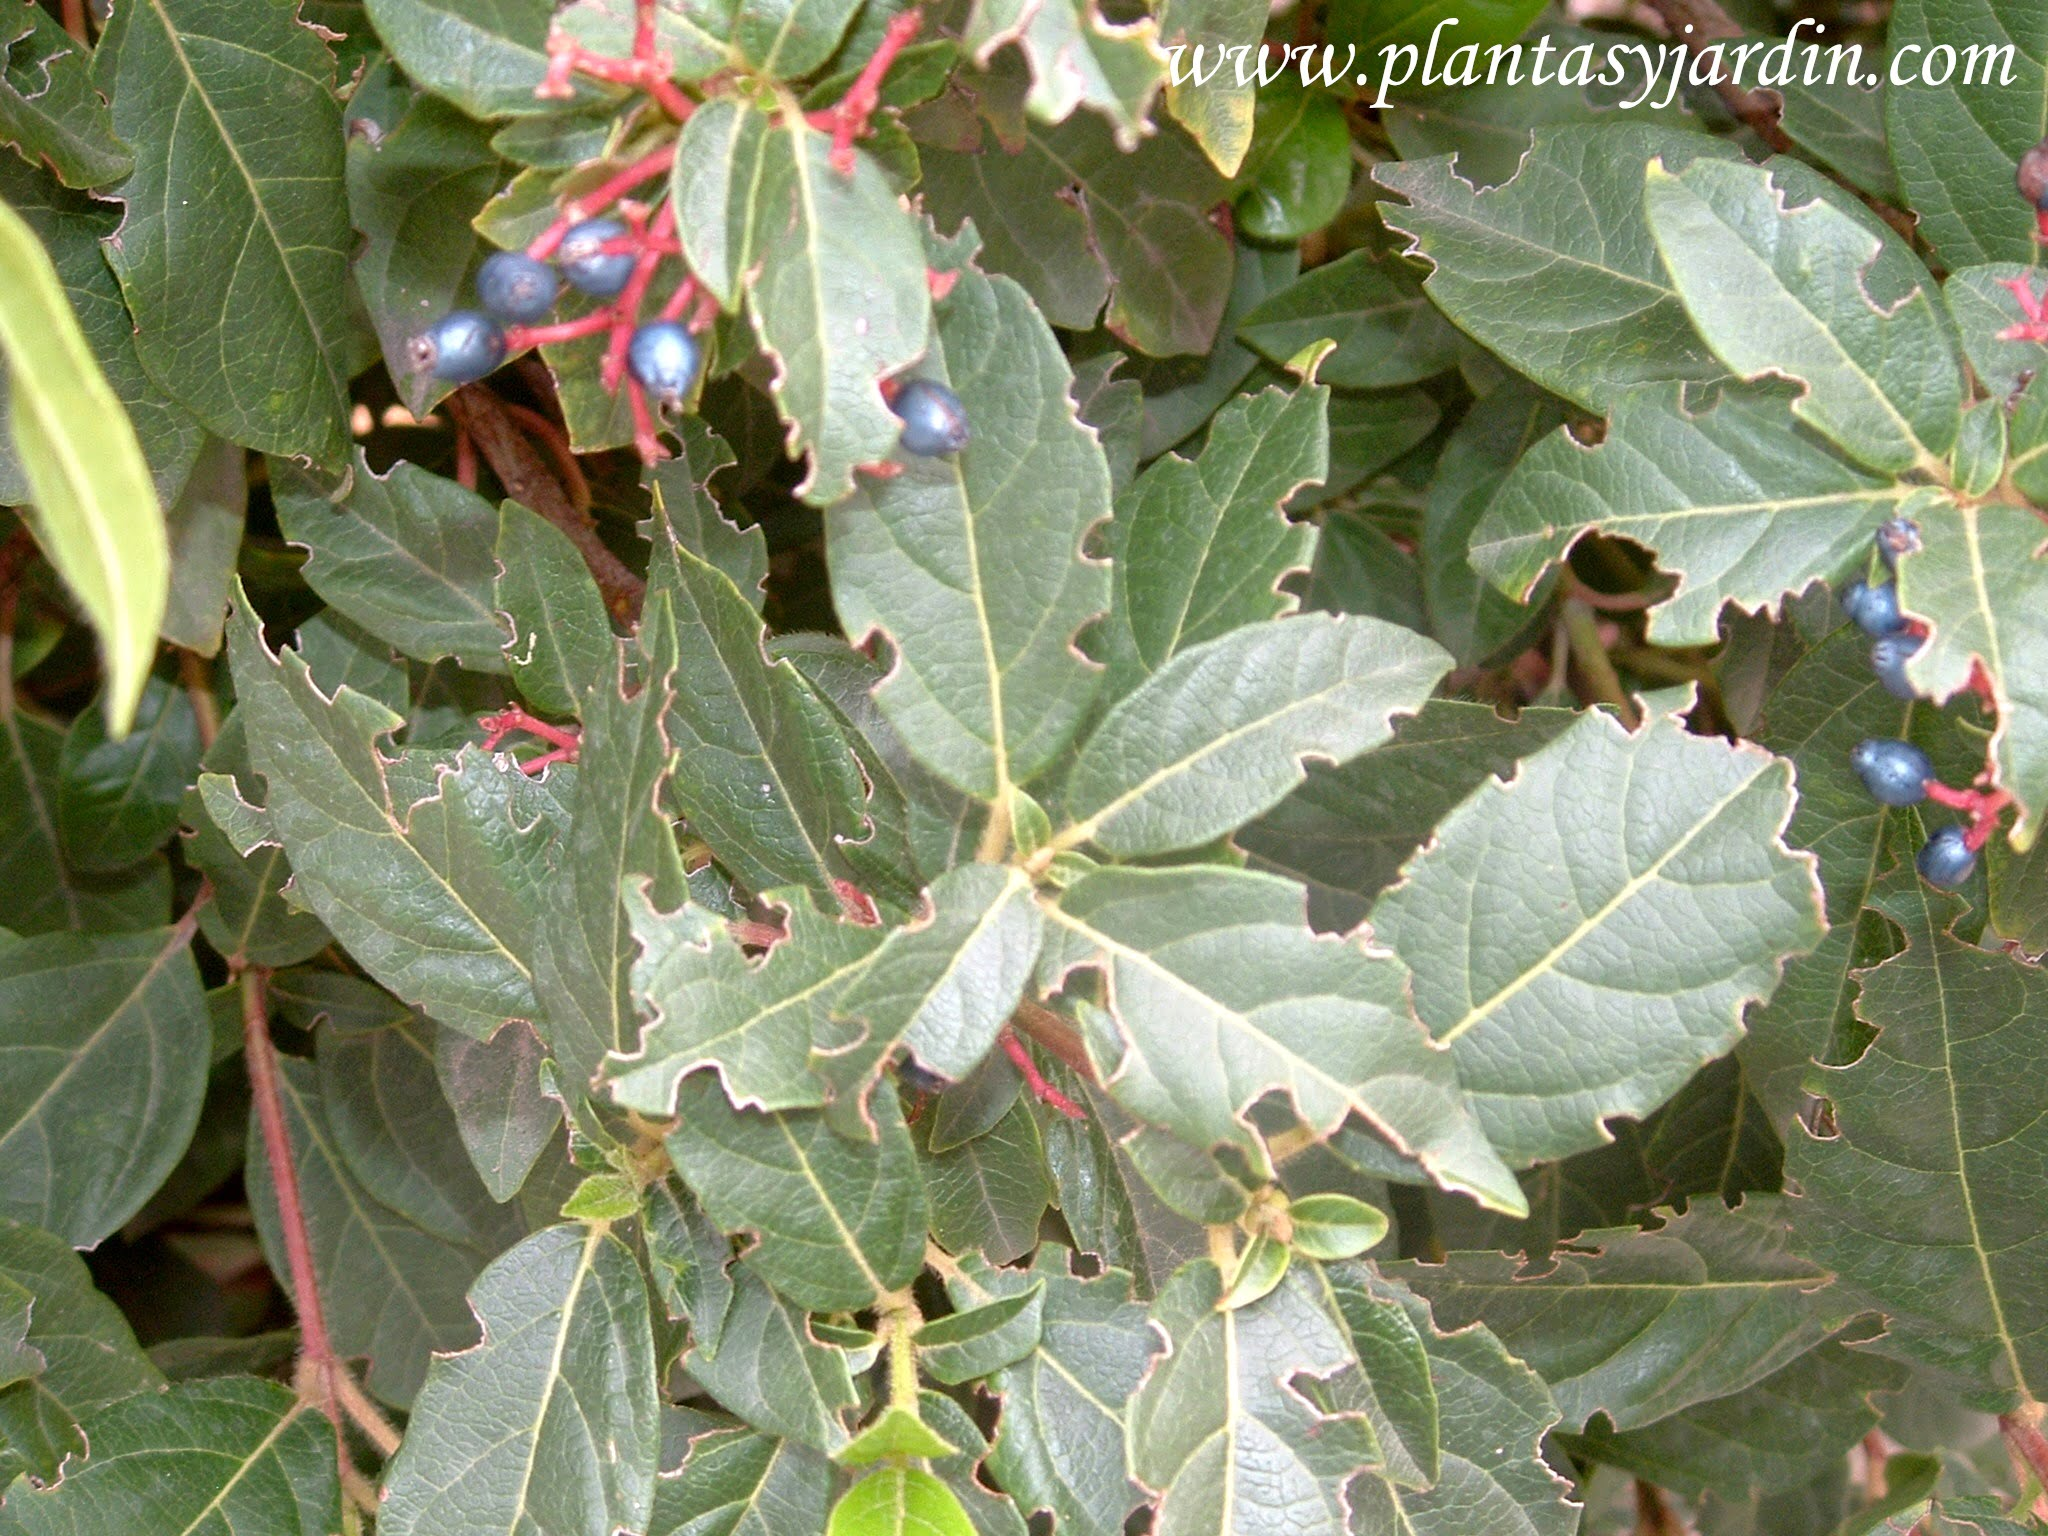 Las hormigas en las plantas | Plantas & Jardín